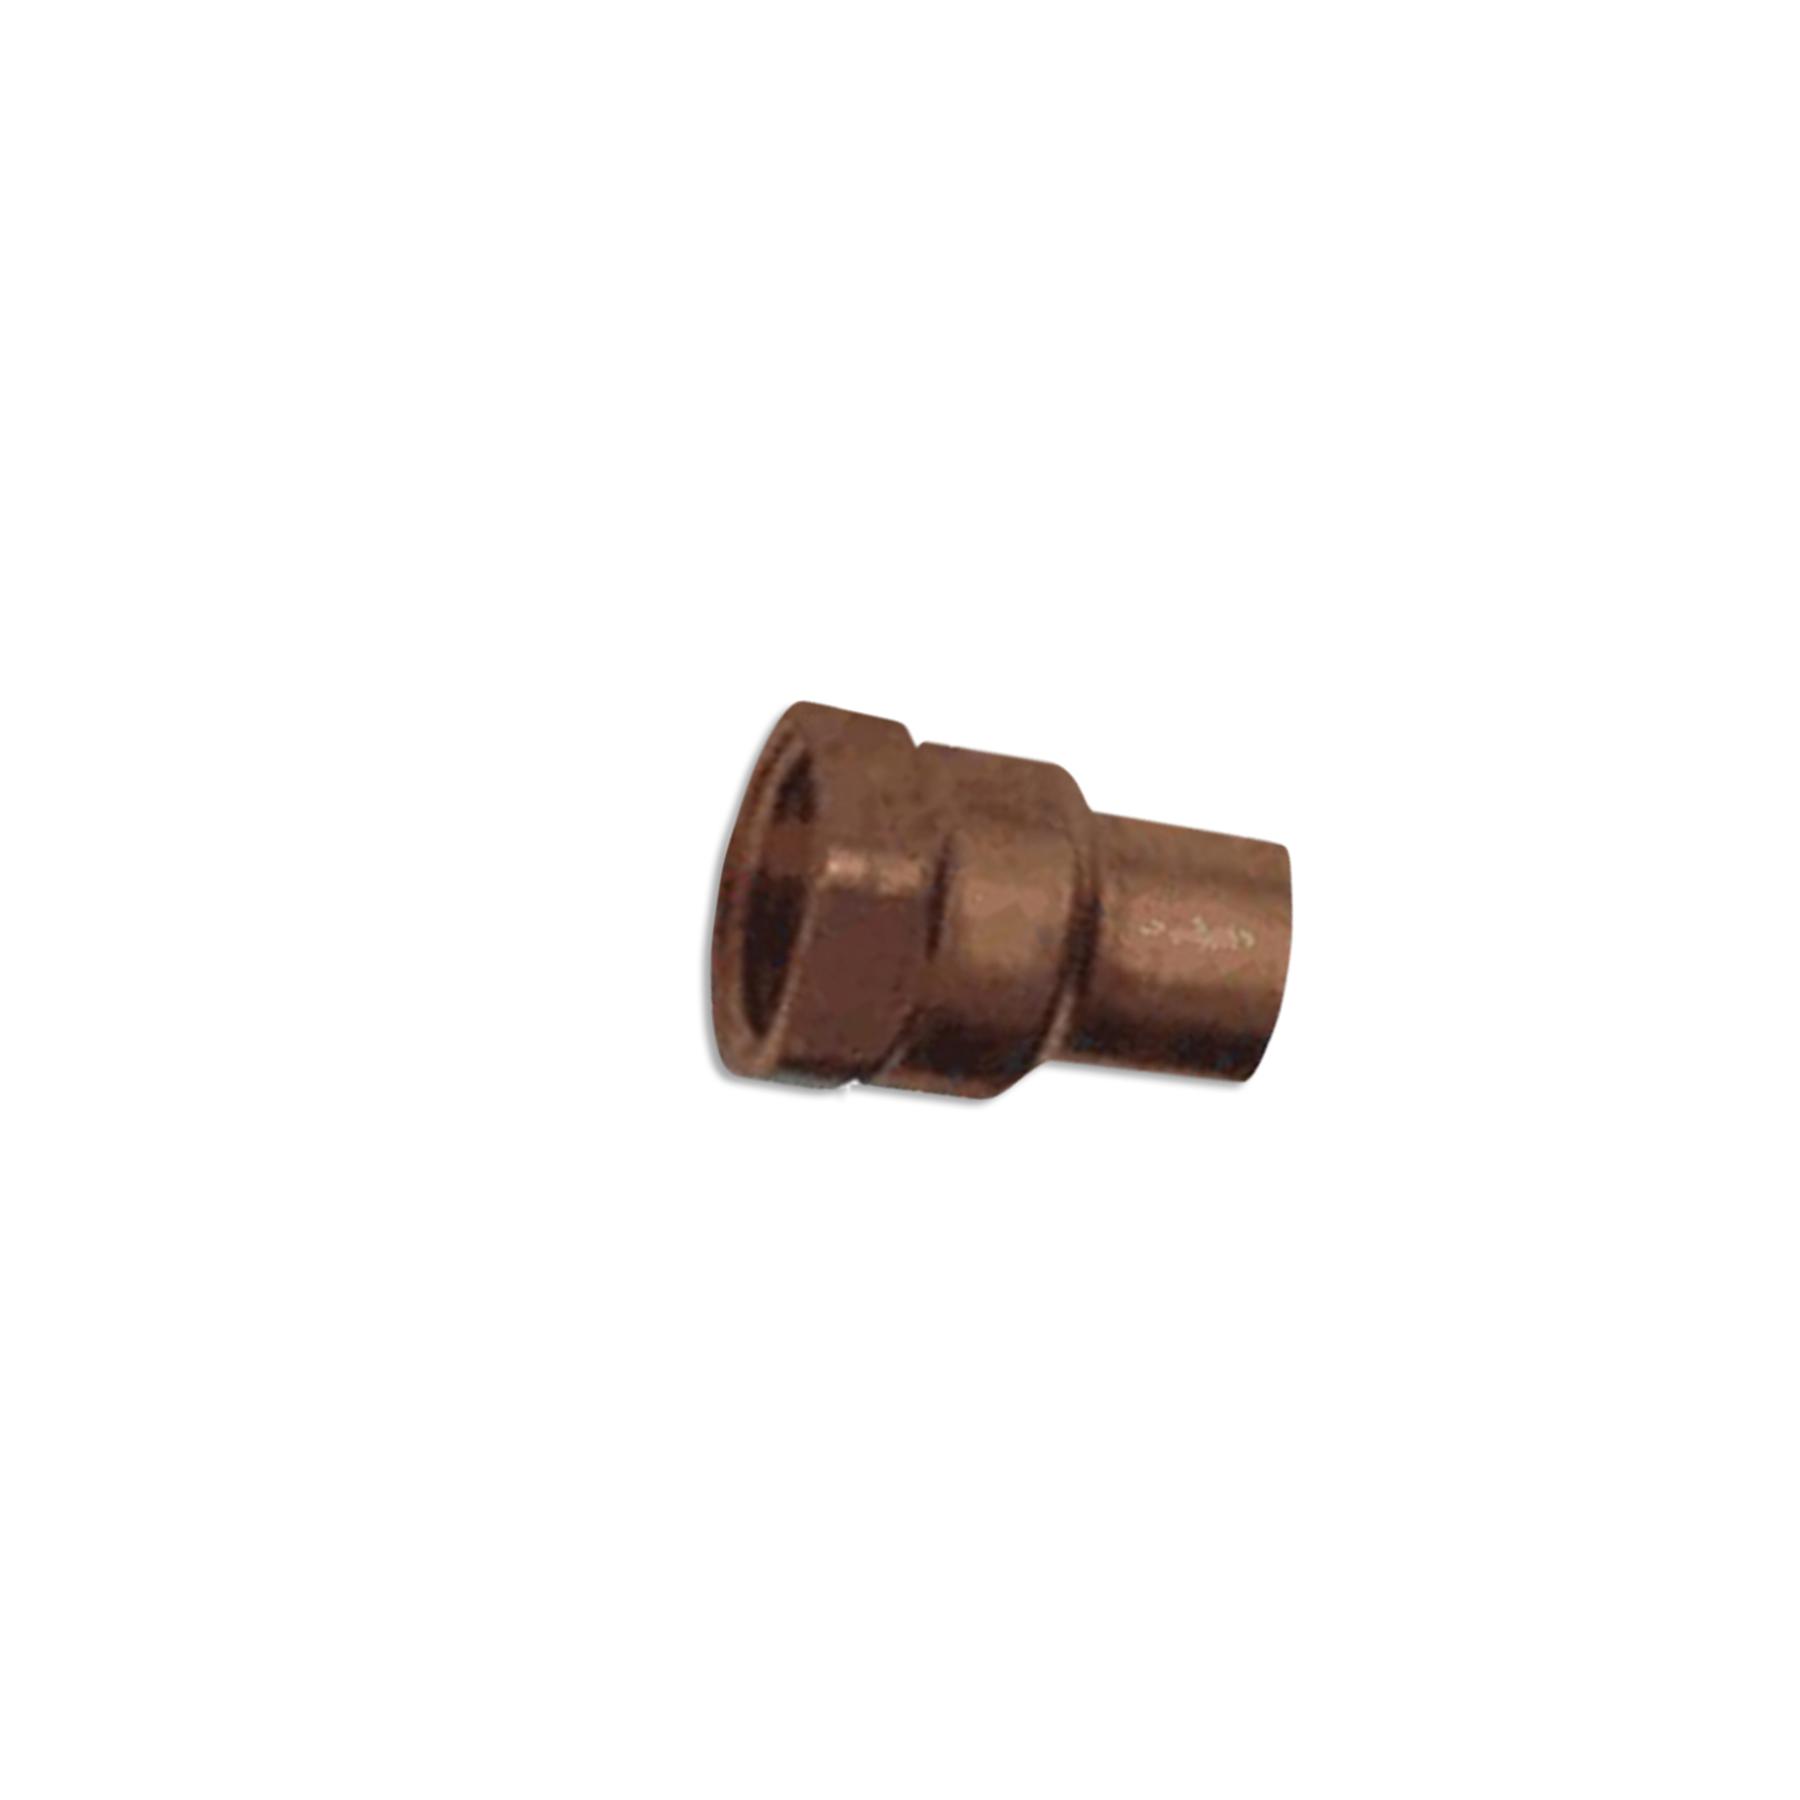 Copper Adapter Sweat Fitting, 1/2 (F) Sweat x 1/2 (F) NPT